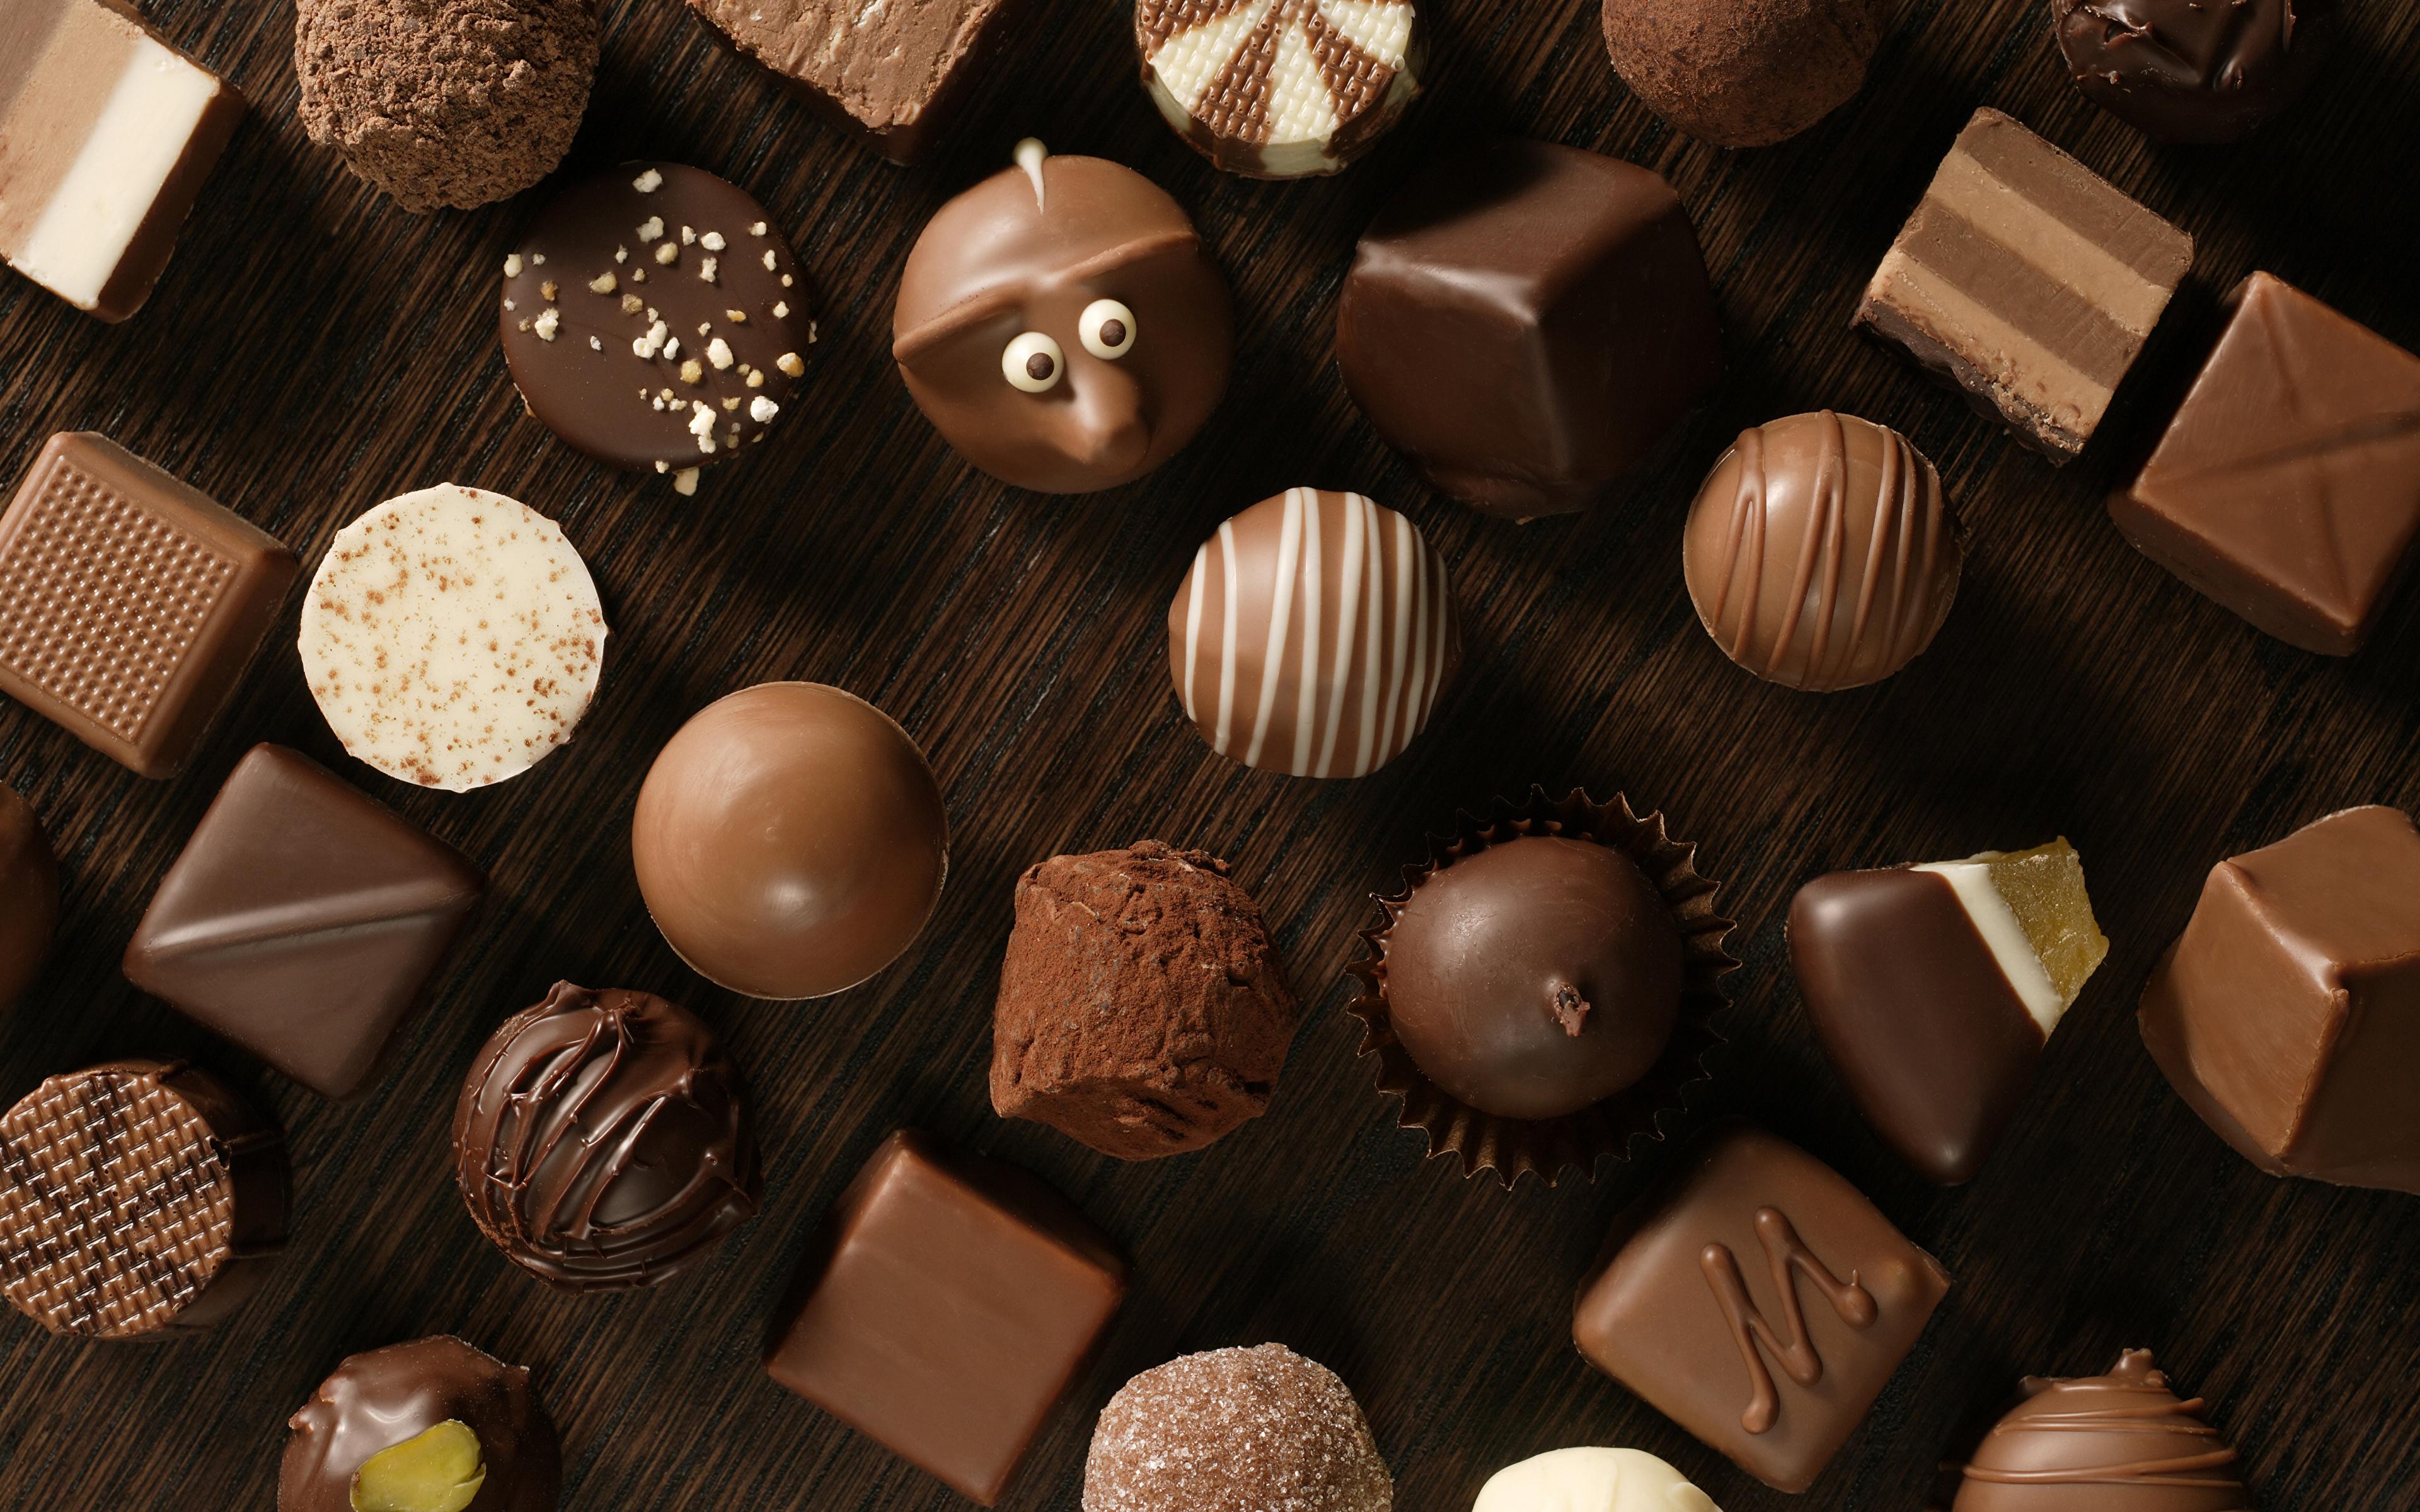 Картинка Шоколад Конфеты Еда сладкая еда 3840x2400 Пища Продукты питания Сладости